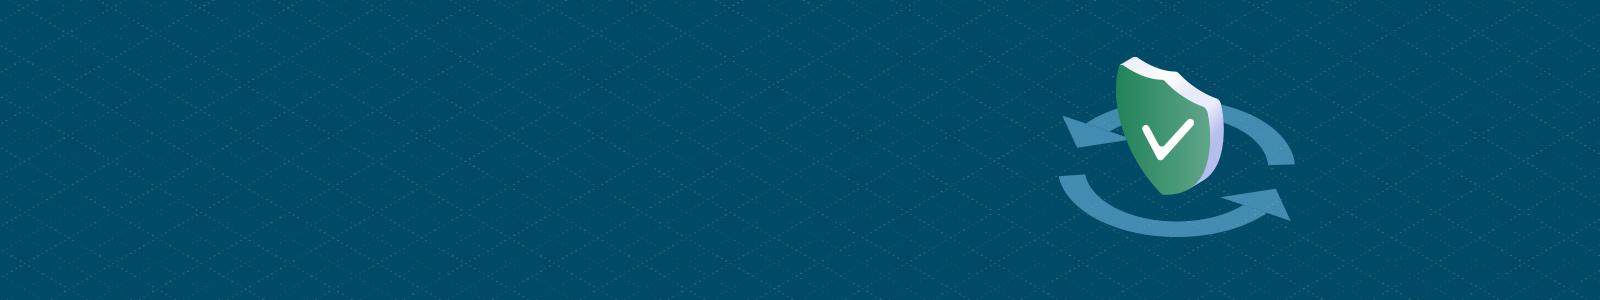 LP_Web_BaaS-maturing_1600x300